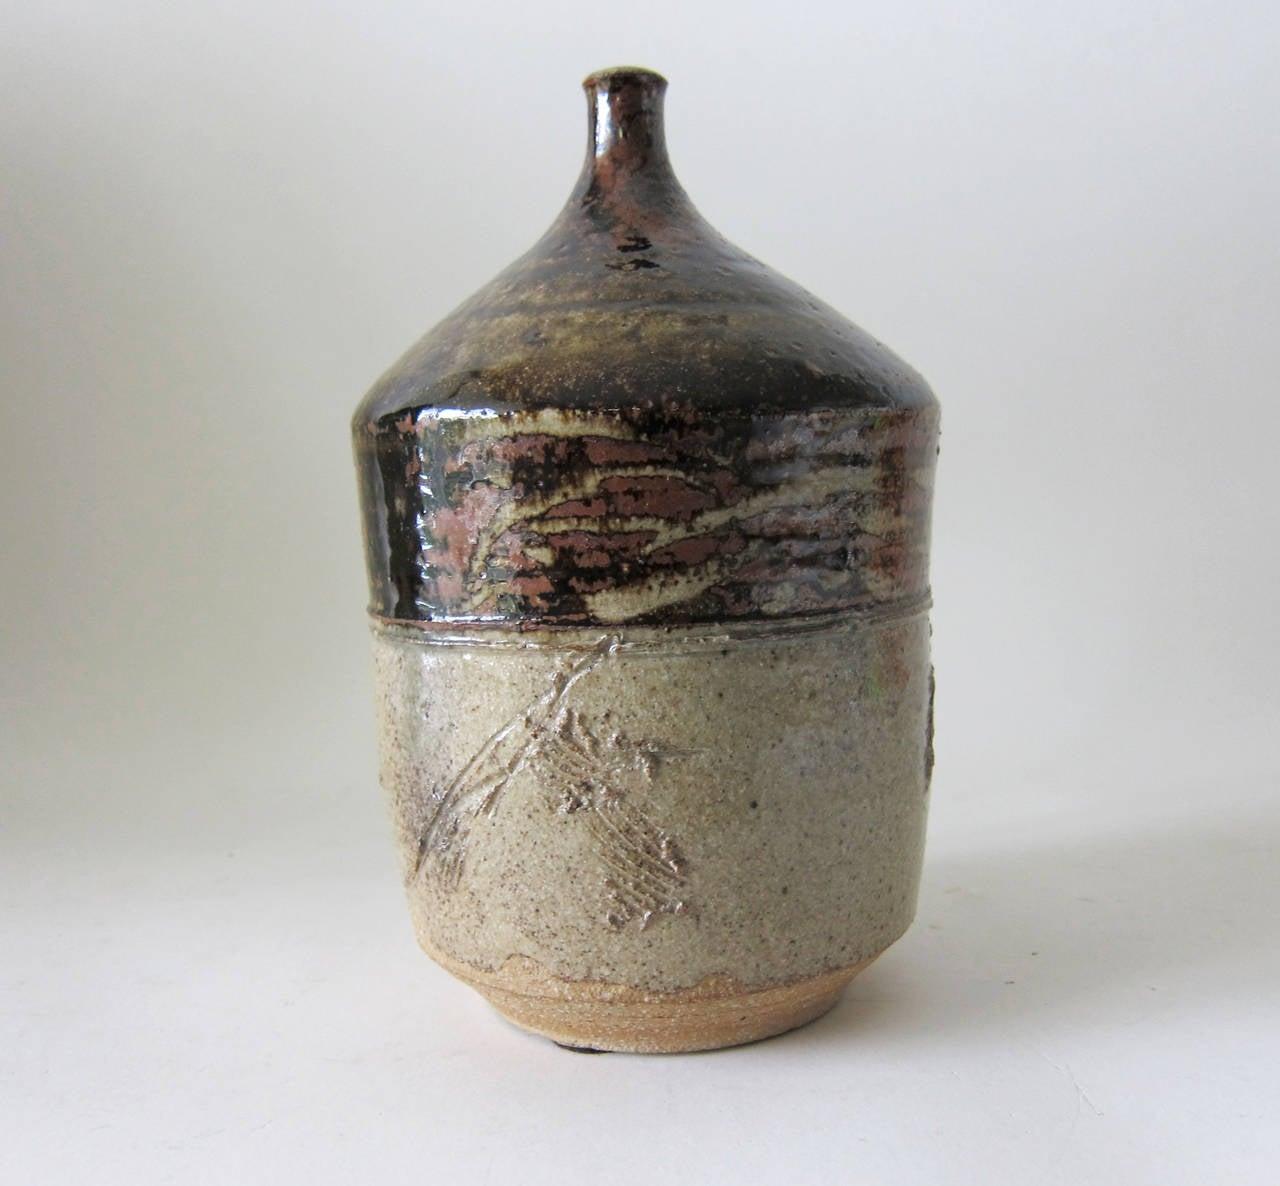 Paul soldner california studio pottery vase for sale at 1stdibs mid century modern paul soldner california studio pottery vase for sale reviewsmspy